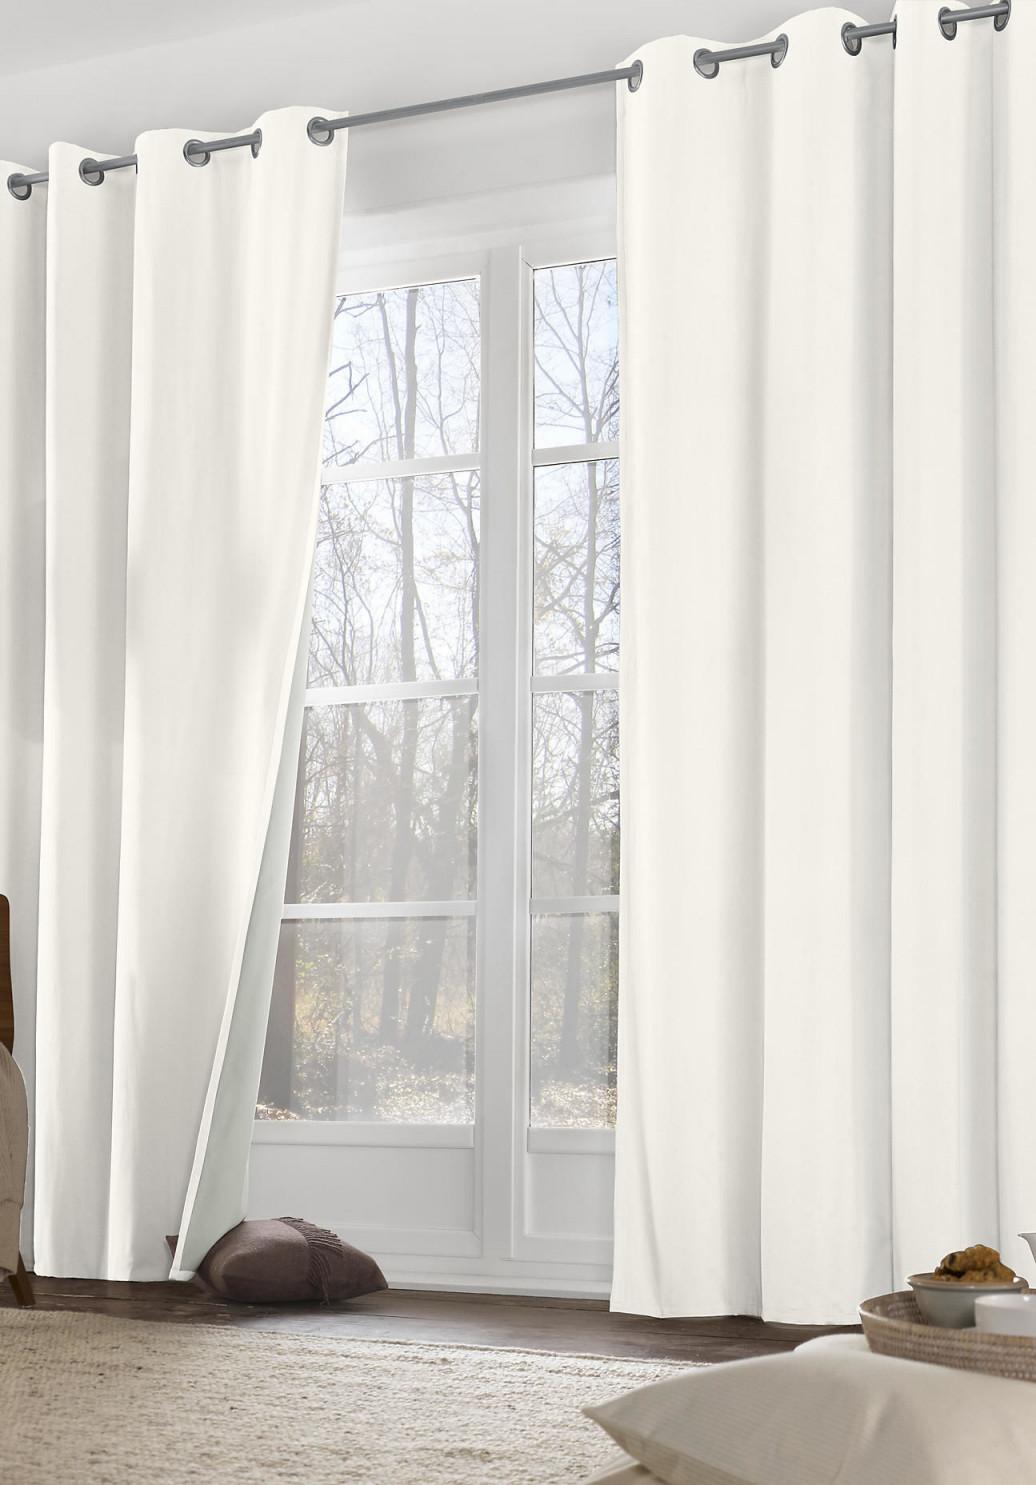 Die Schönsten Ideen Für Vorhänge  Gardinen von Gardinen Dekorationsvorschläge Wohnzimmer Photo